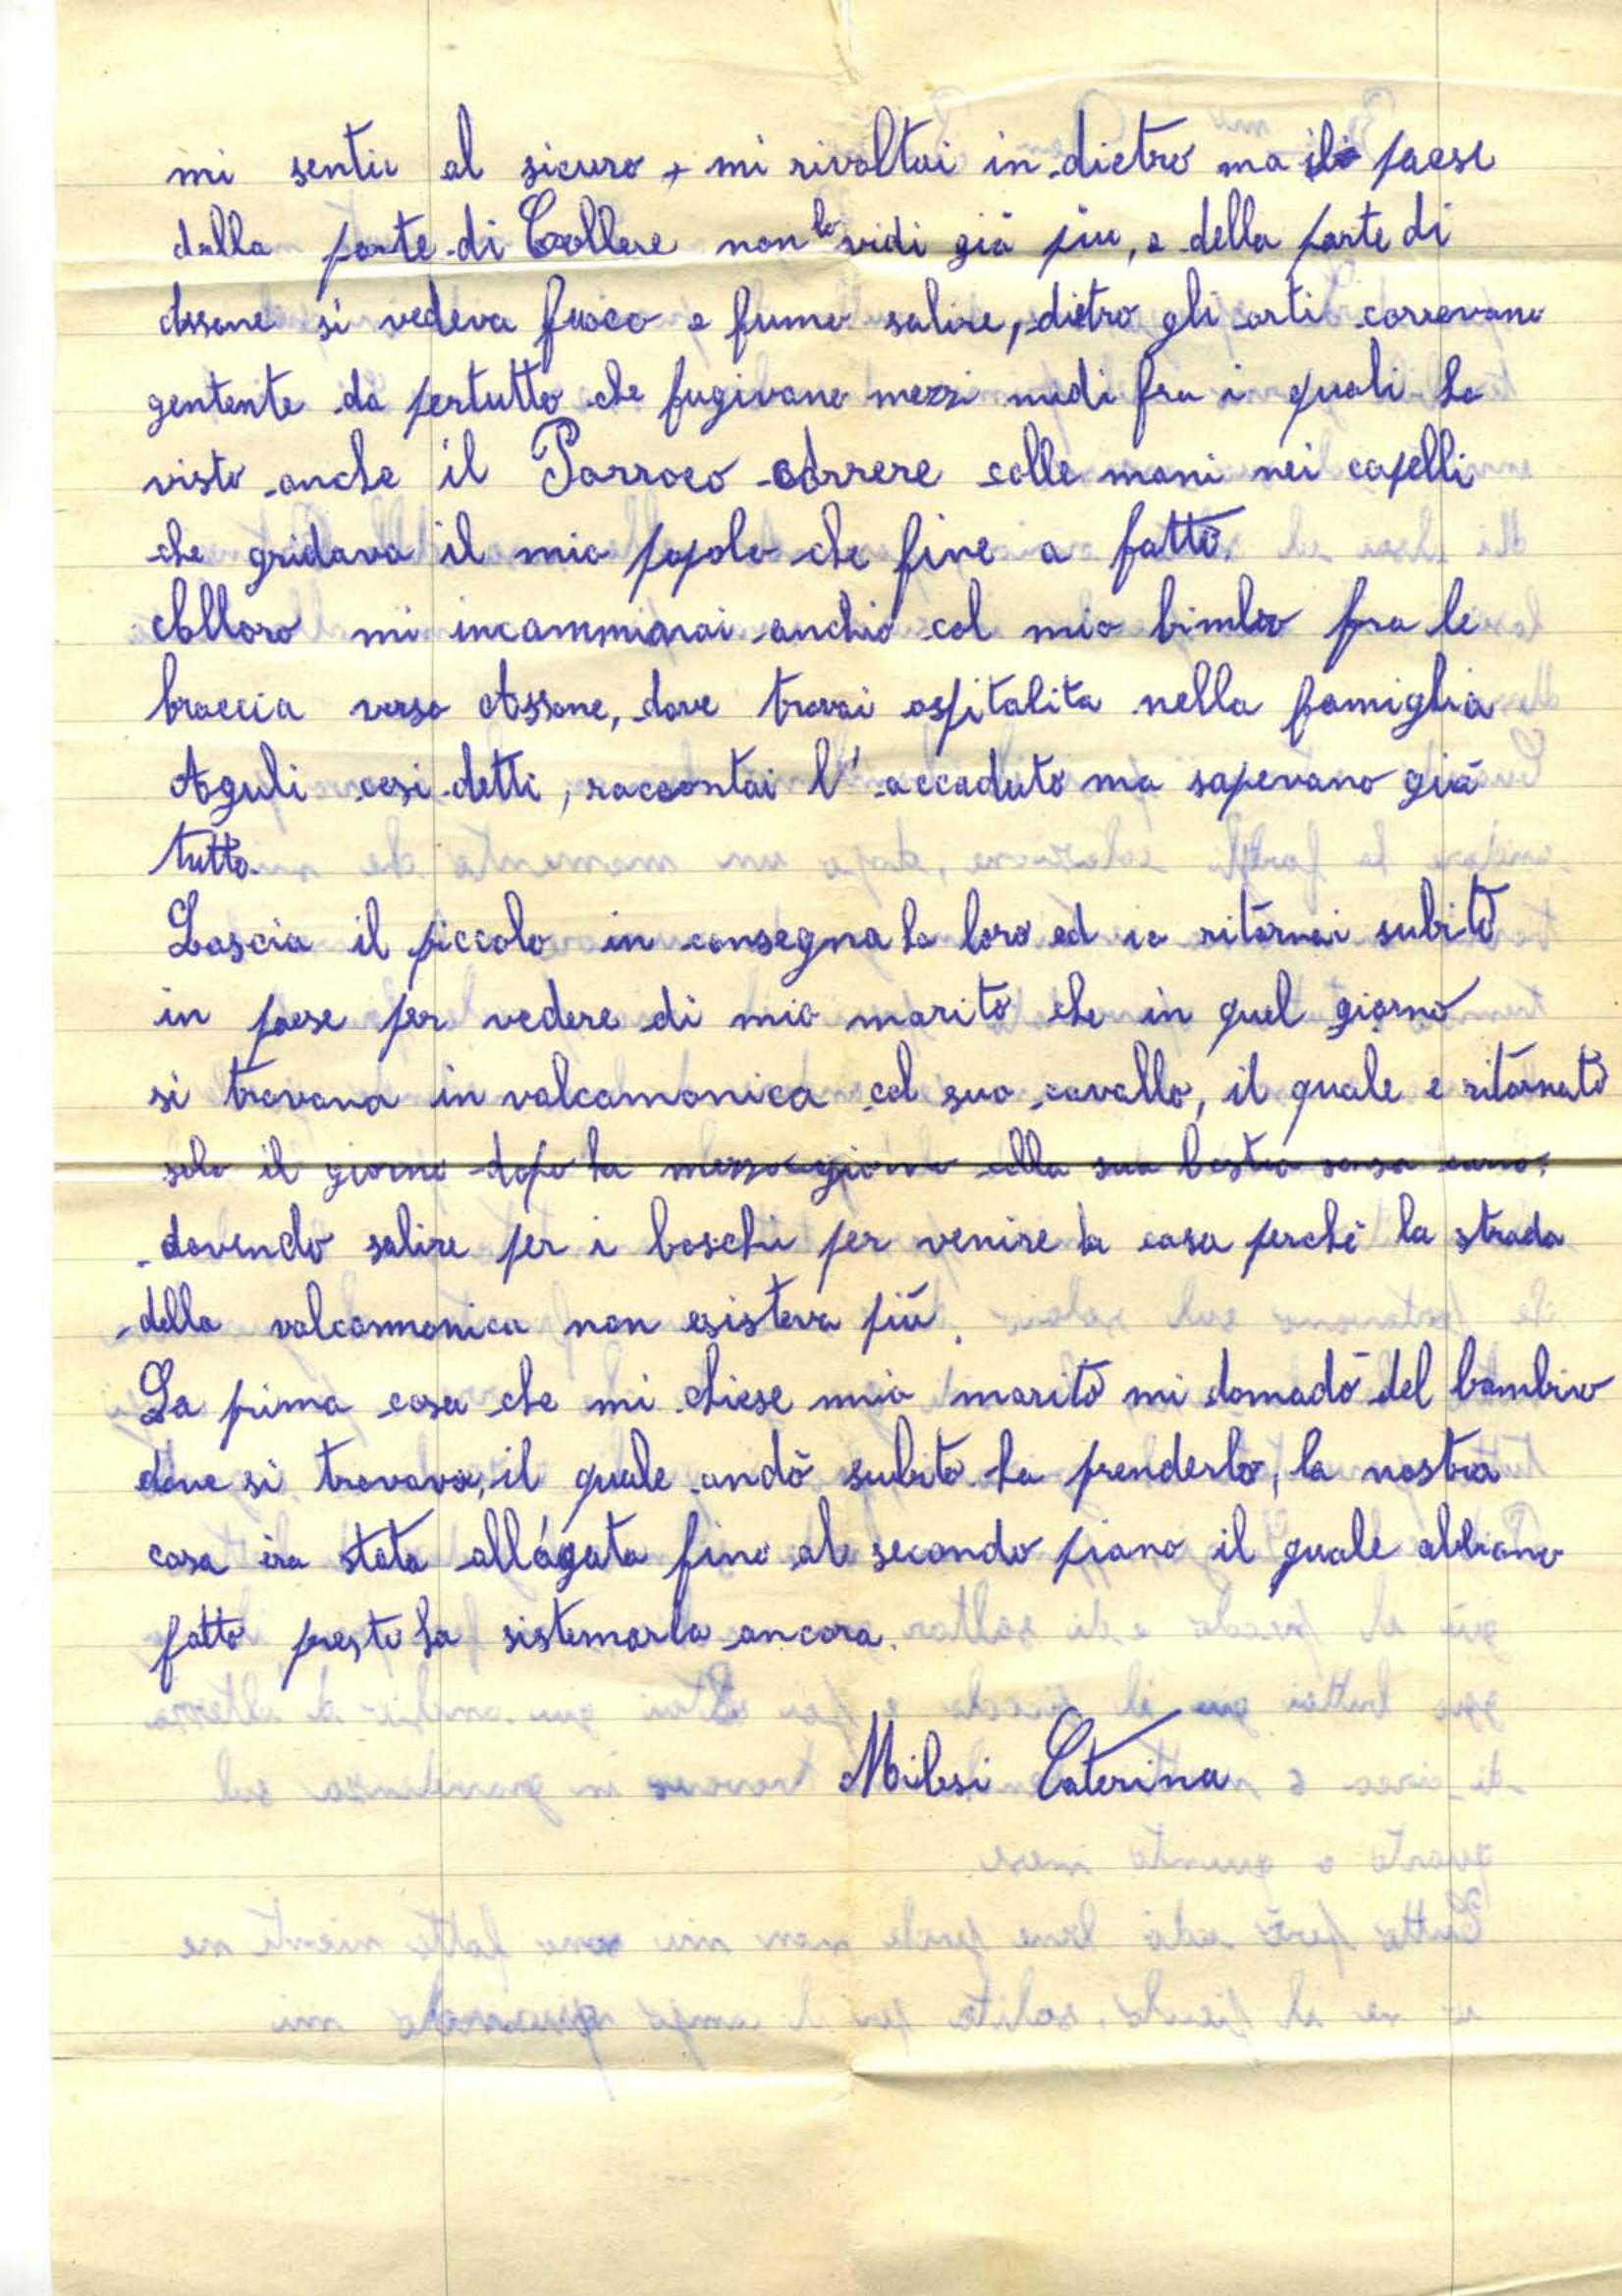 Lettera di Milesi Caterina vedova Pedrocchi_02